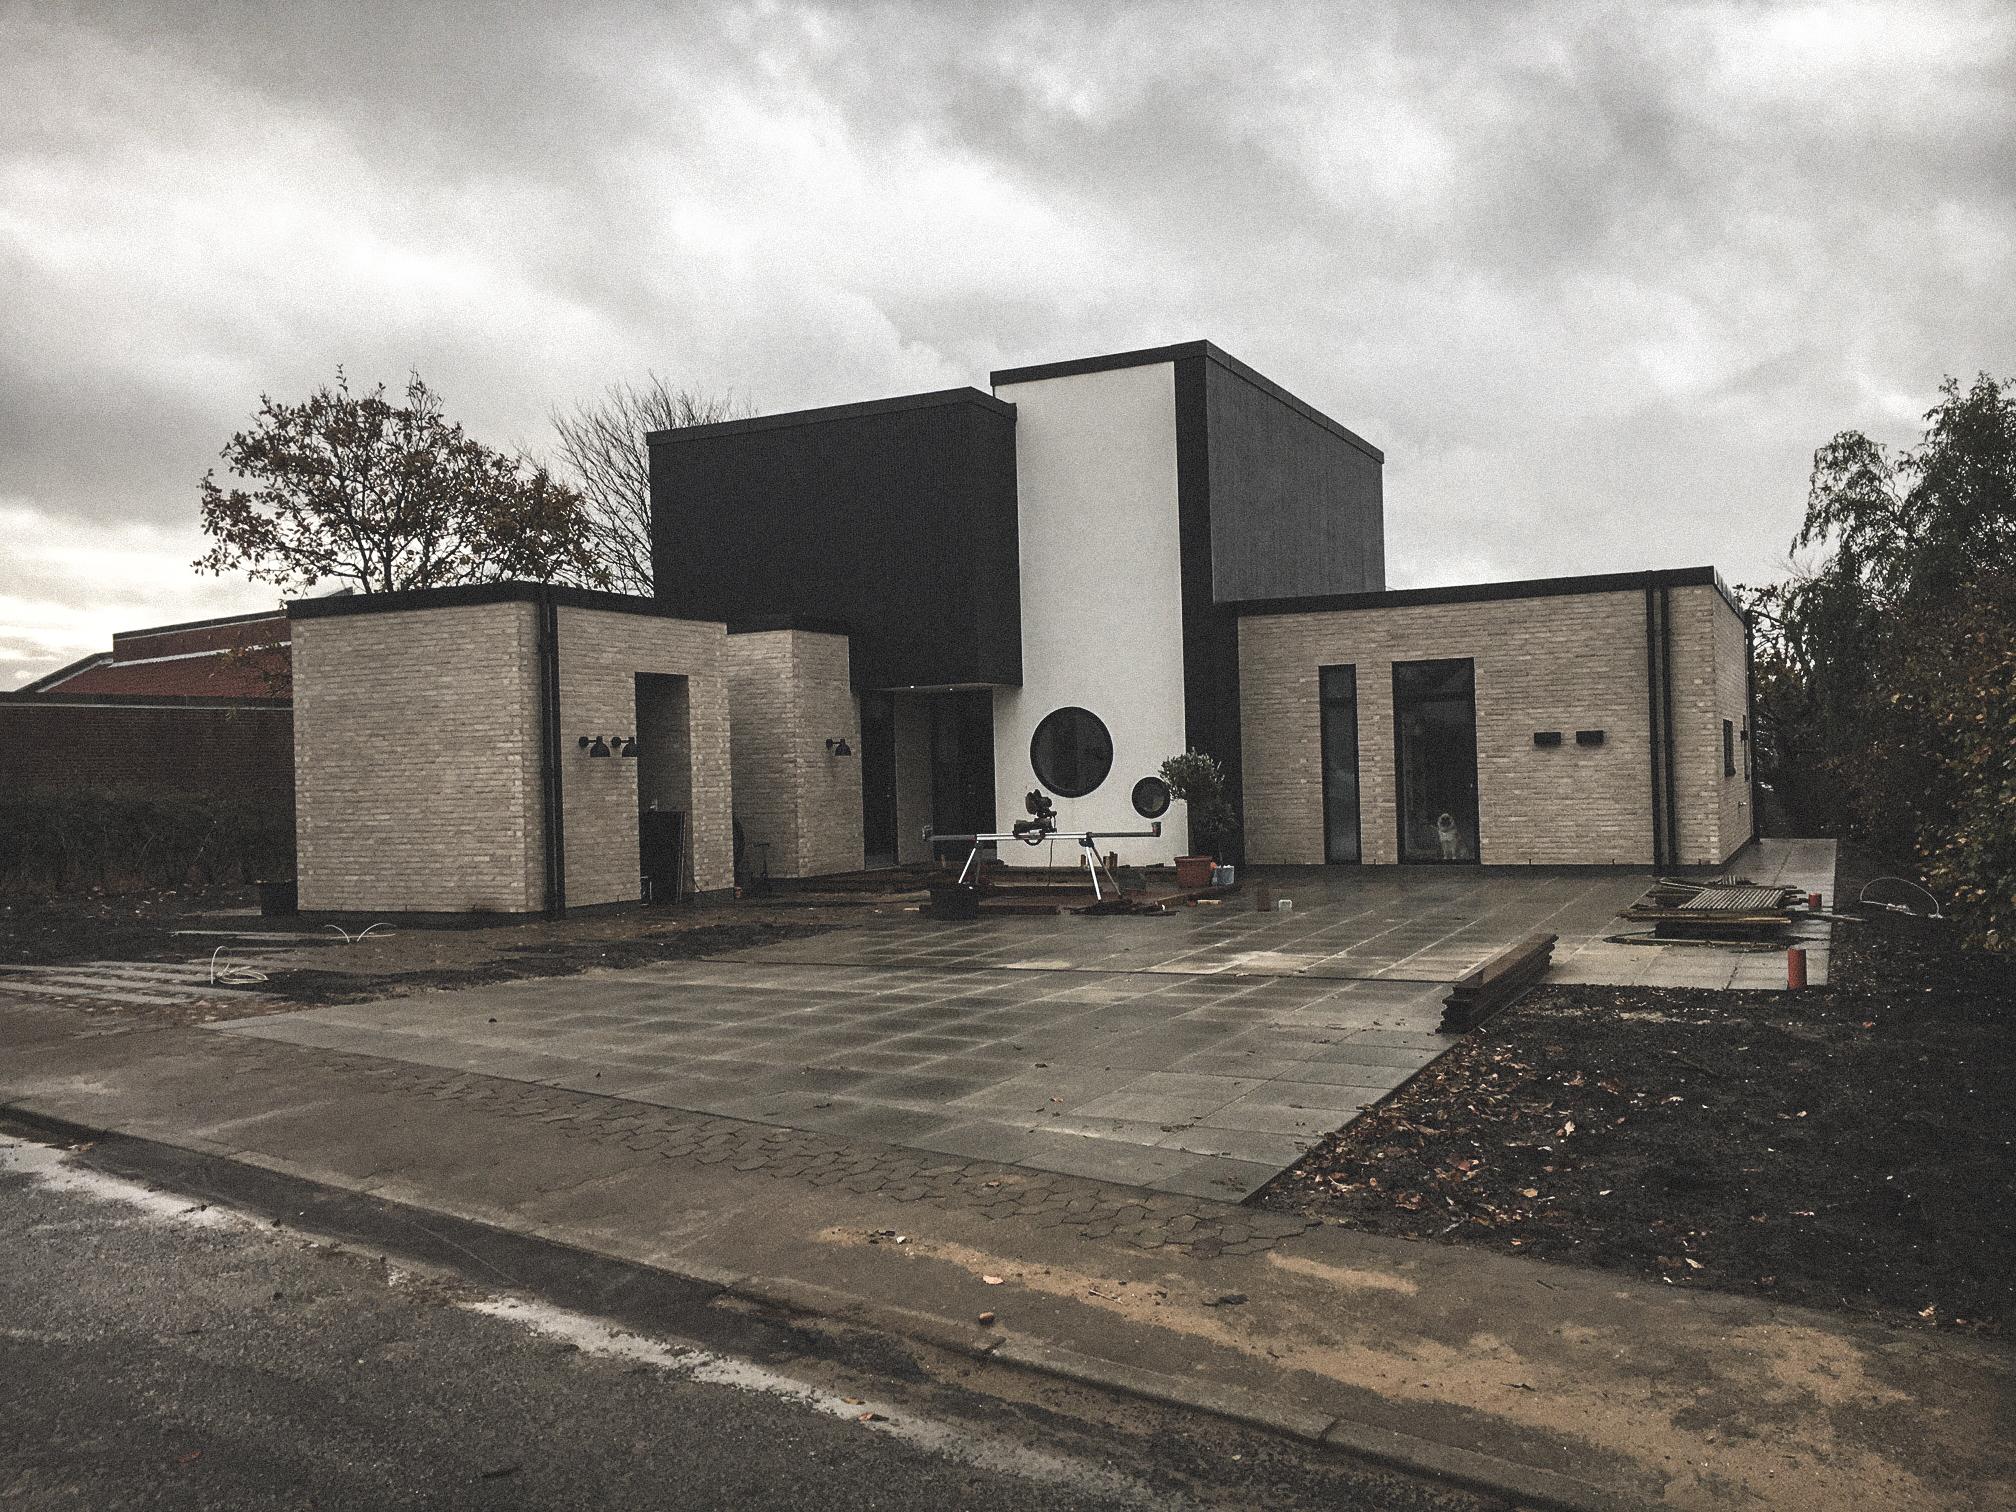 Billede af et igangværende byggeri i Hjerting, tegnet af arkitektfirmaet m2plus.